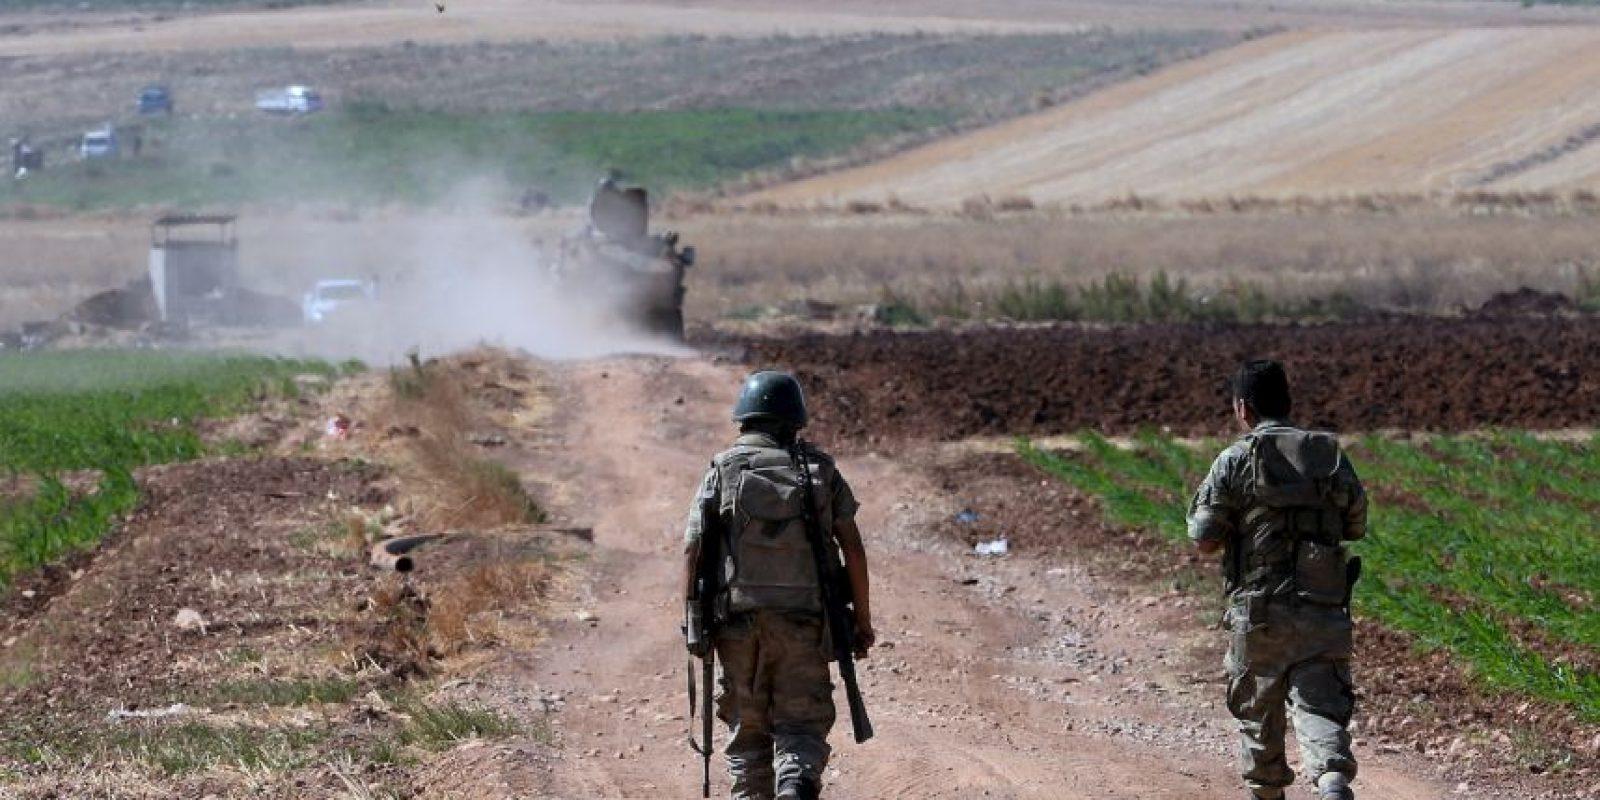 Con ella el gobierno turco incrementar la seguridad y la estabilidad en la región. Foto:AP